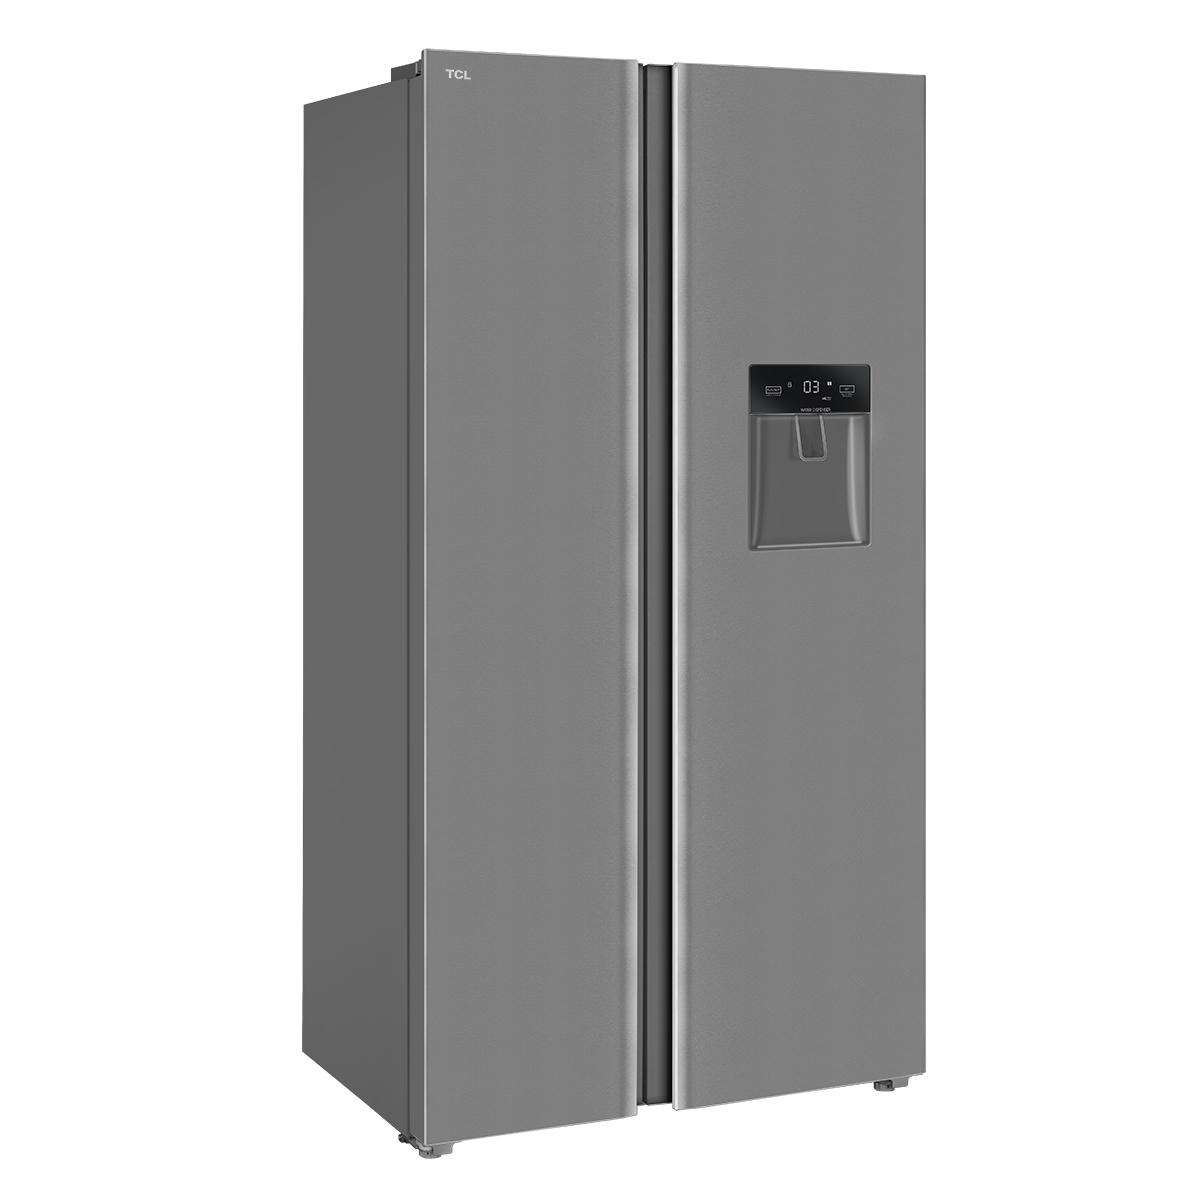 یخچال و فریزر ساید بای ساید تی سی ال مدل S660-AGD/AWD/ASD/AMD